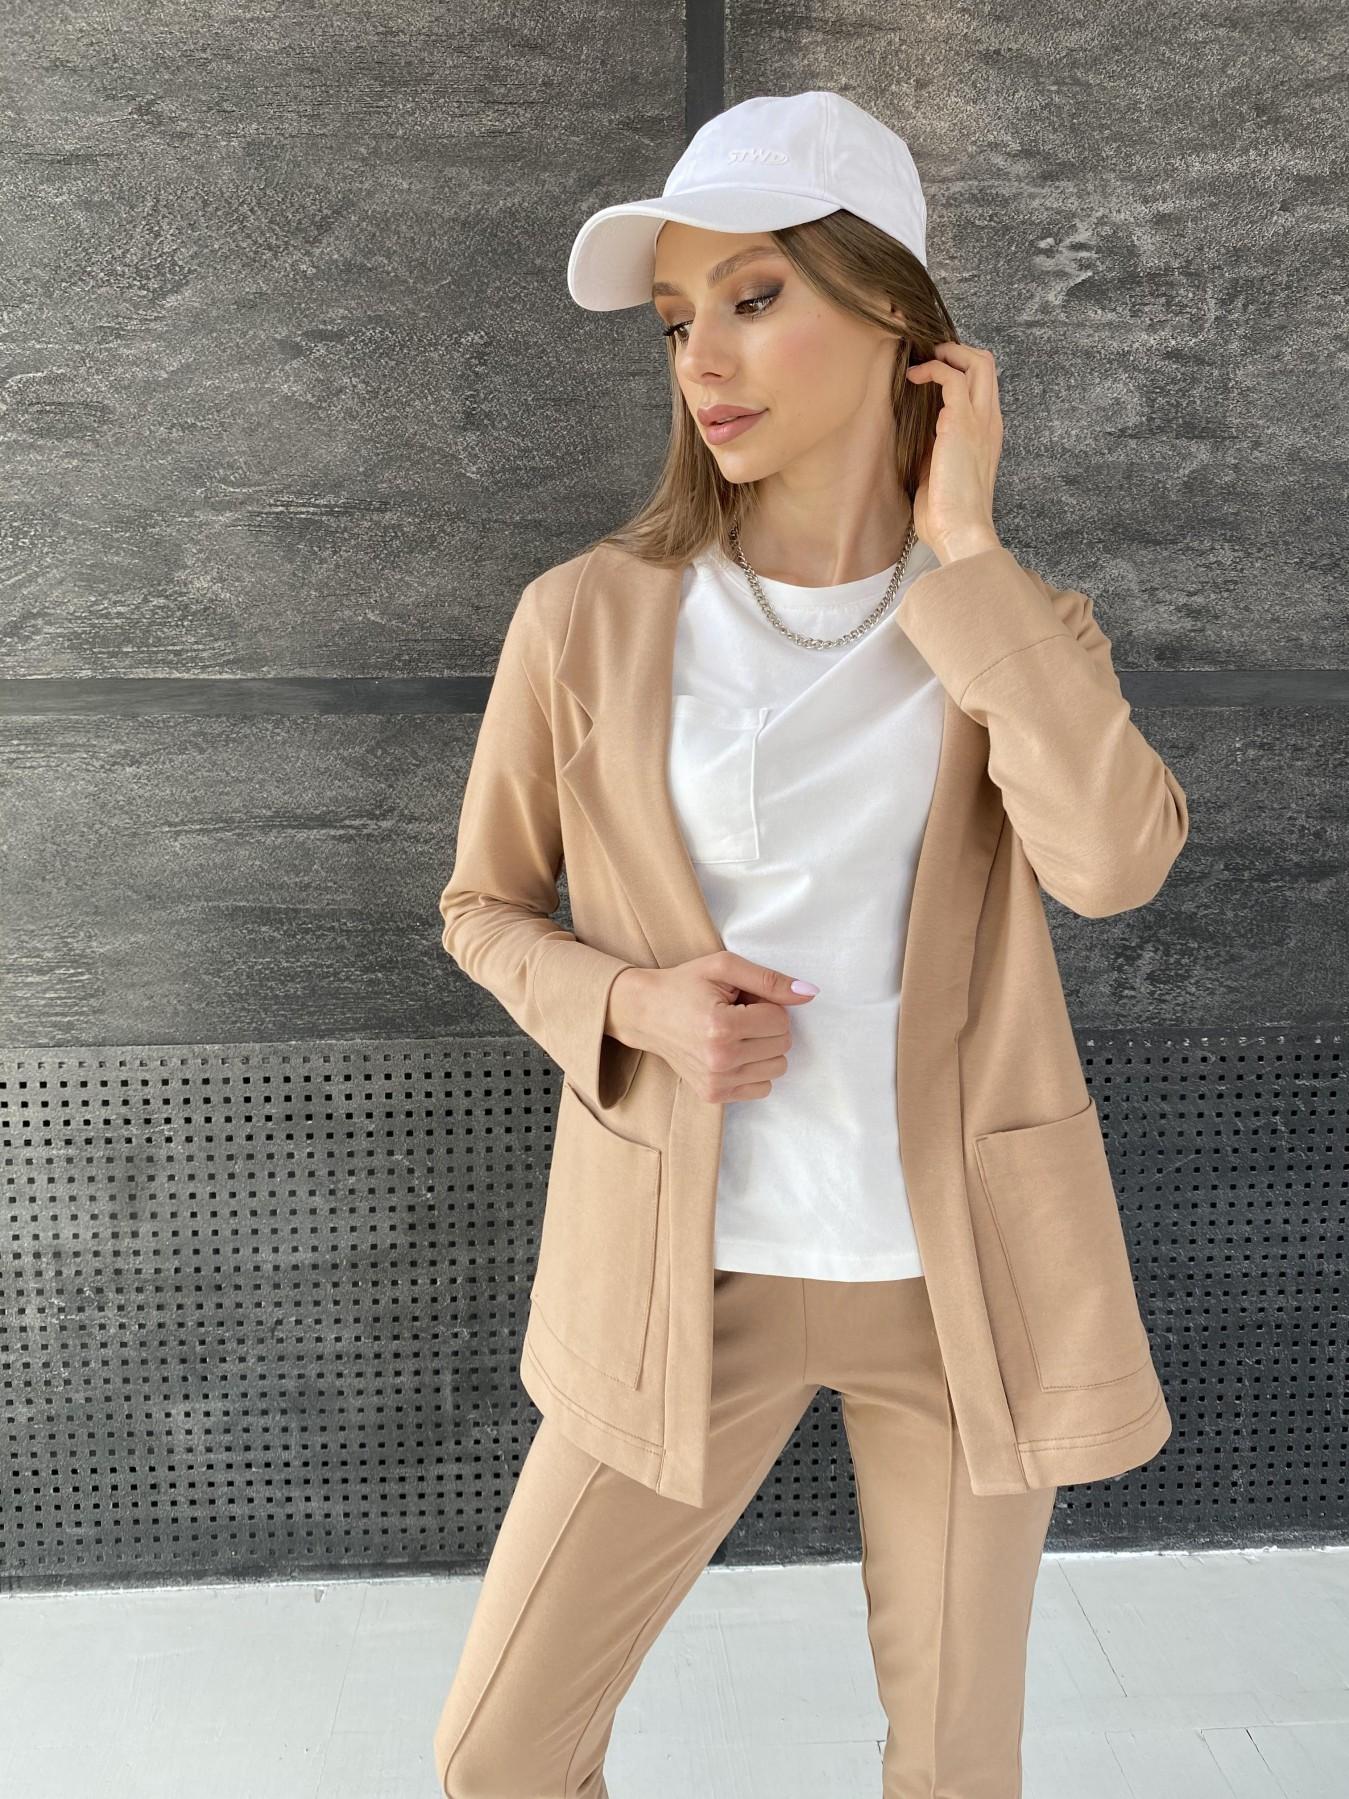 Аурис костюм трикотажный из  3х нитки 11083 АРТ. 47657 Цвет: Кемел - фото 2, интернет магазин tm-modus.ru